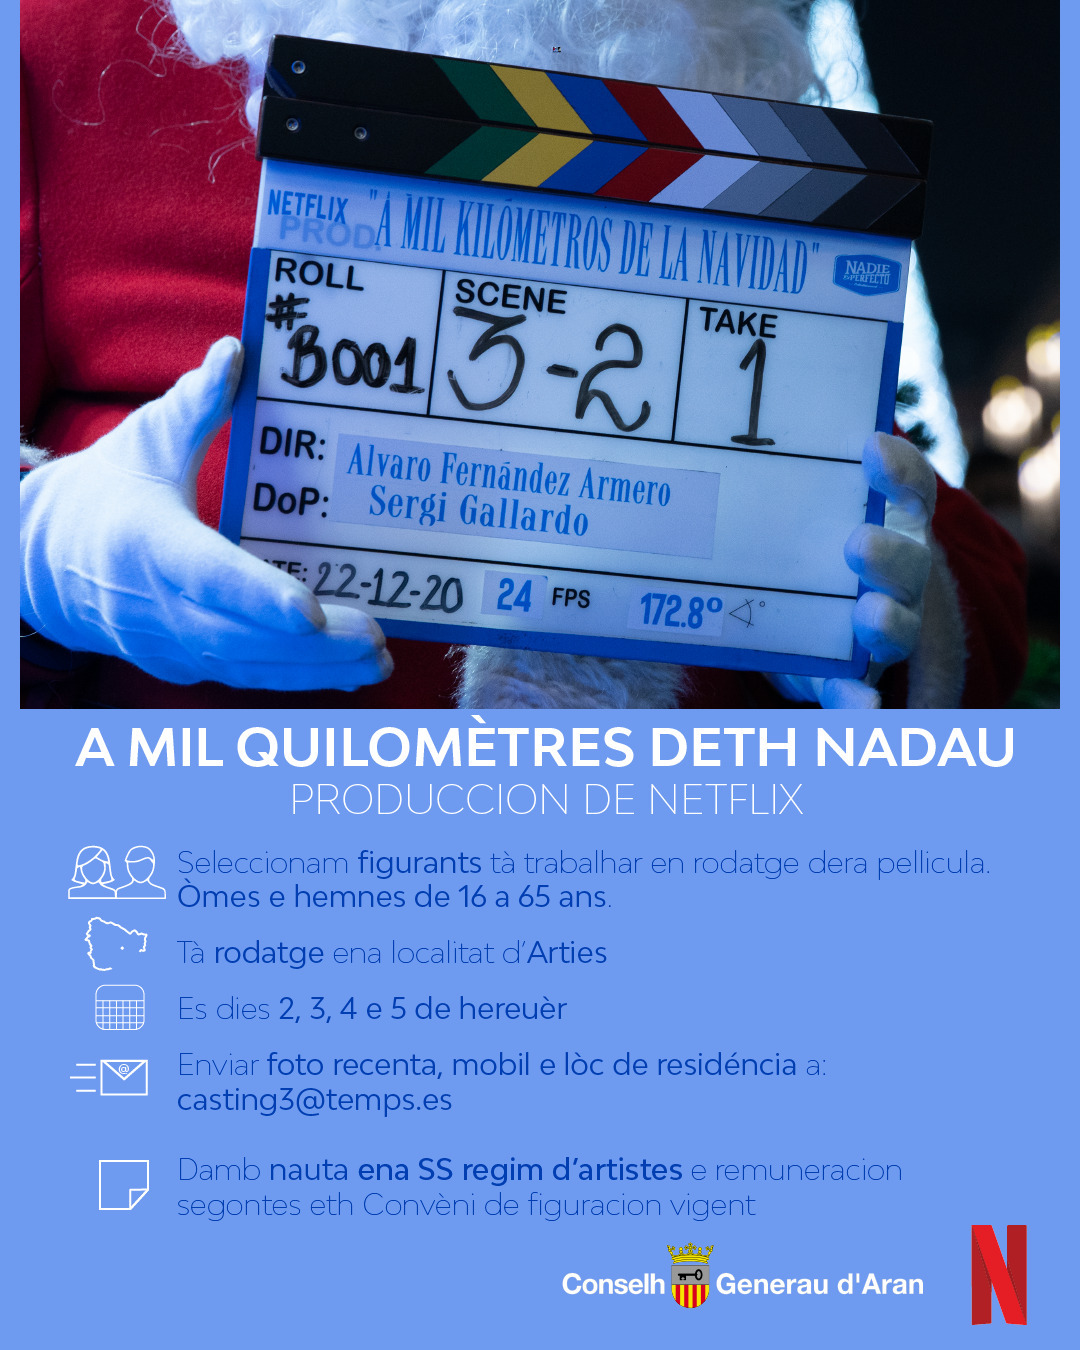 Pla de detall del cartell que busca figurants per la pel·lícula de Netflix a la Val d'Aran. (vertical)